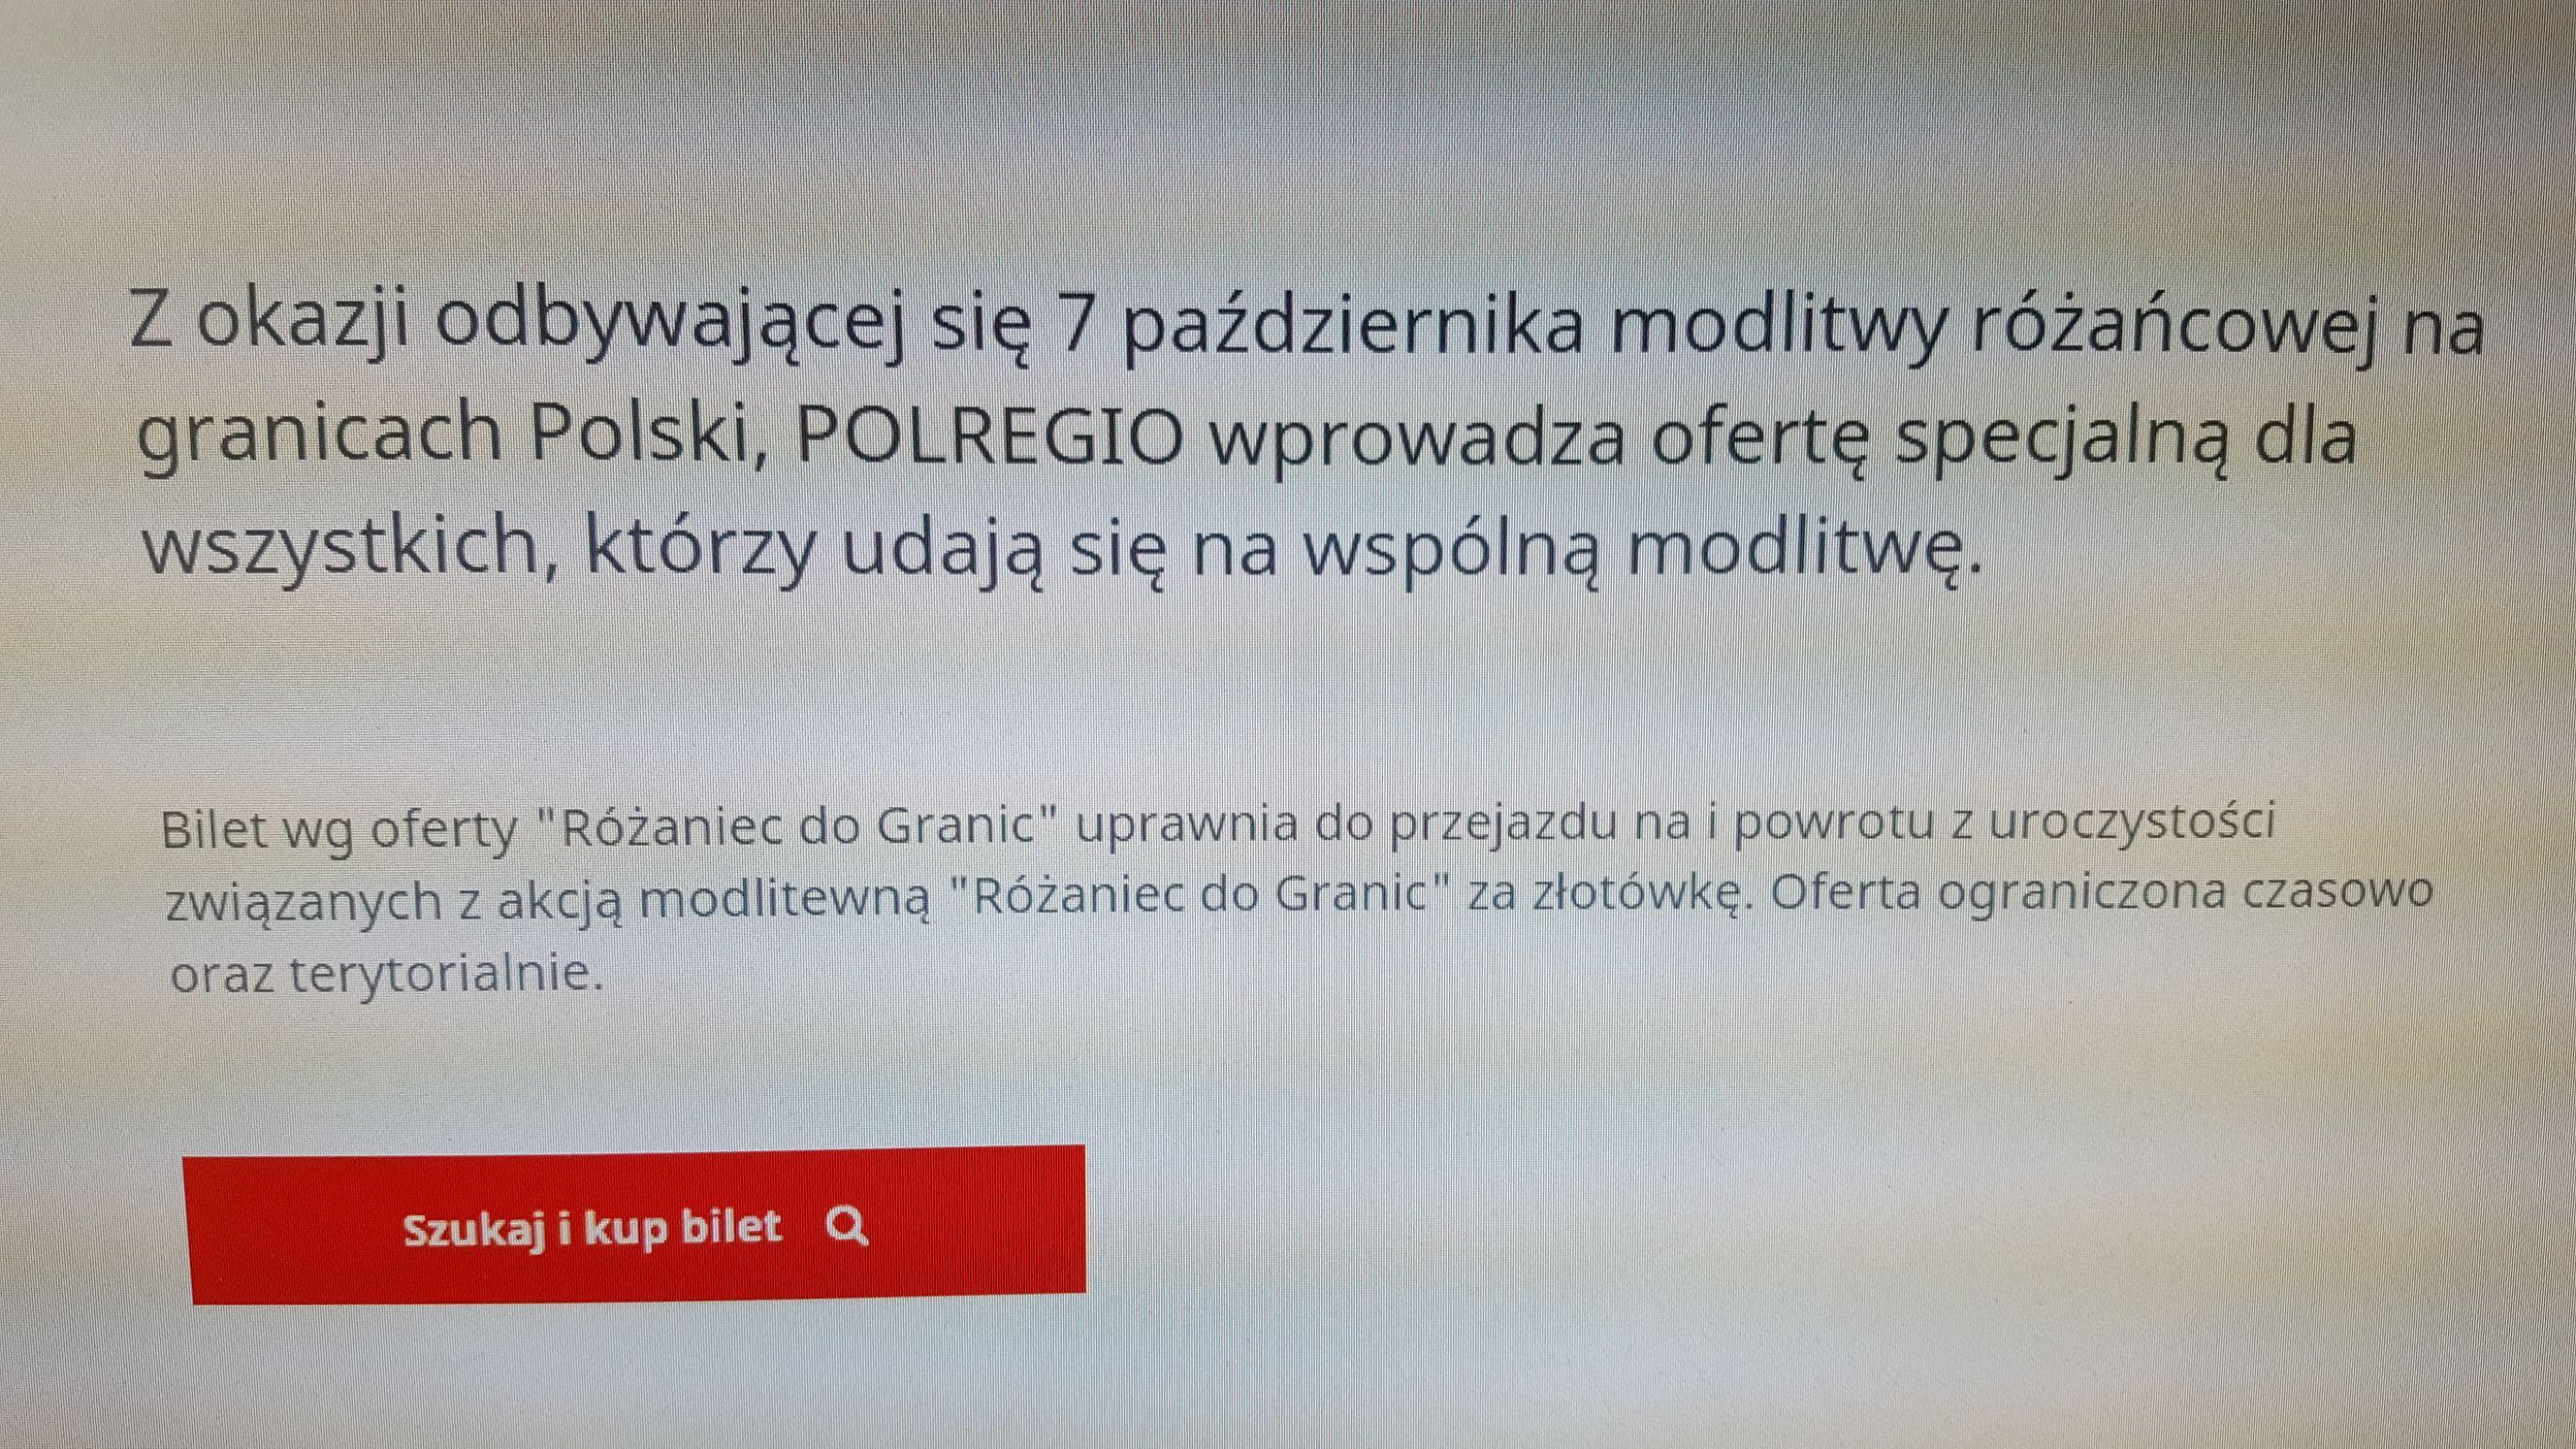 Bilety za 1 PLN do miejscowości granicznych